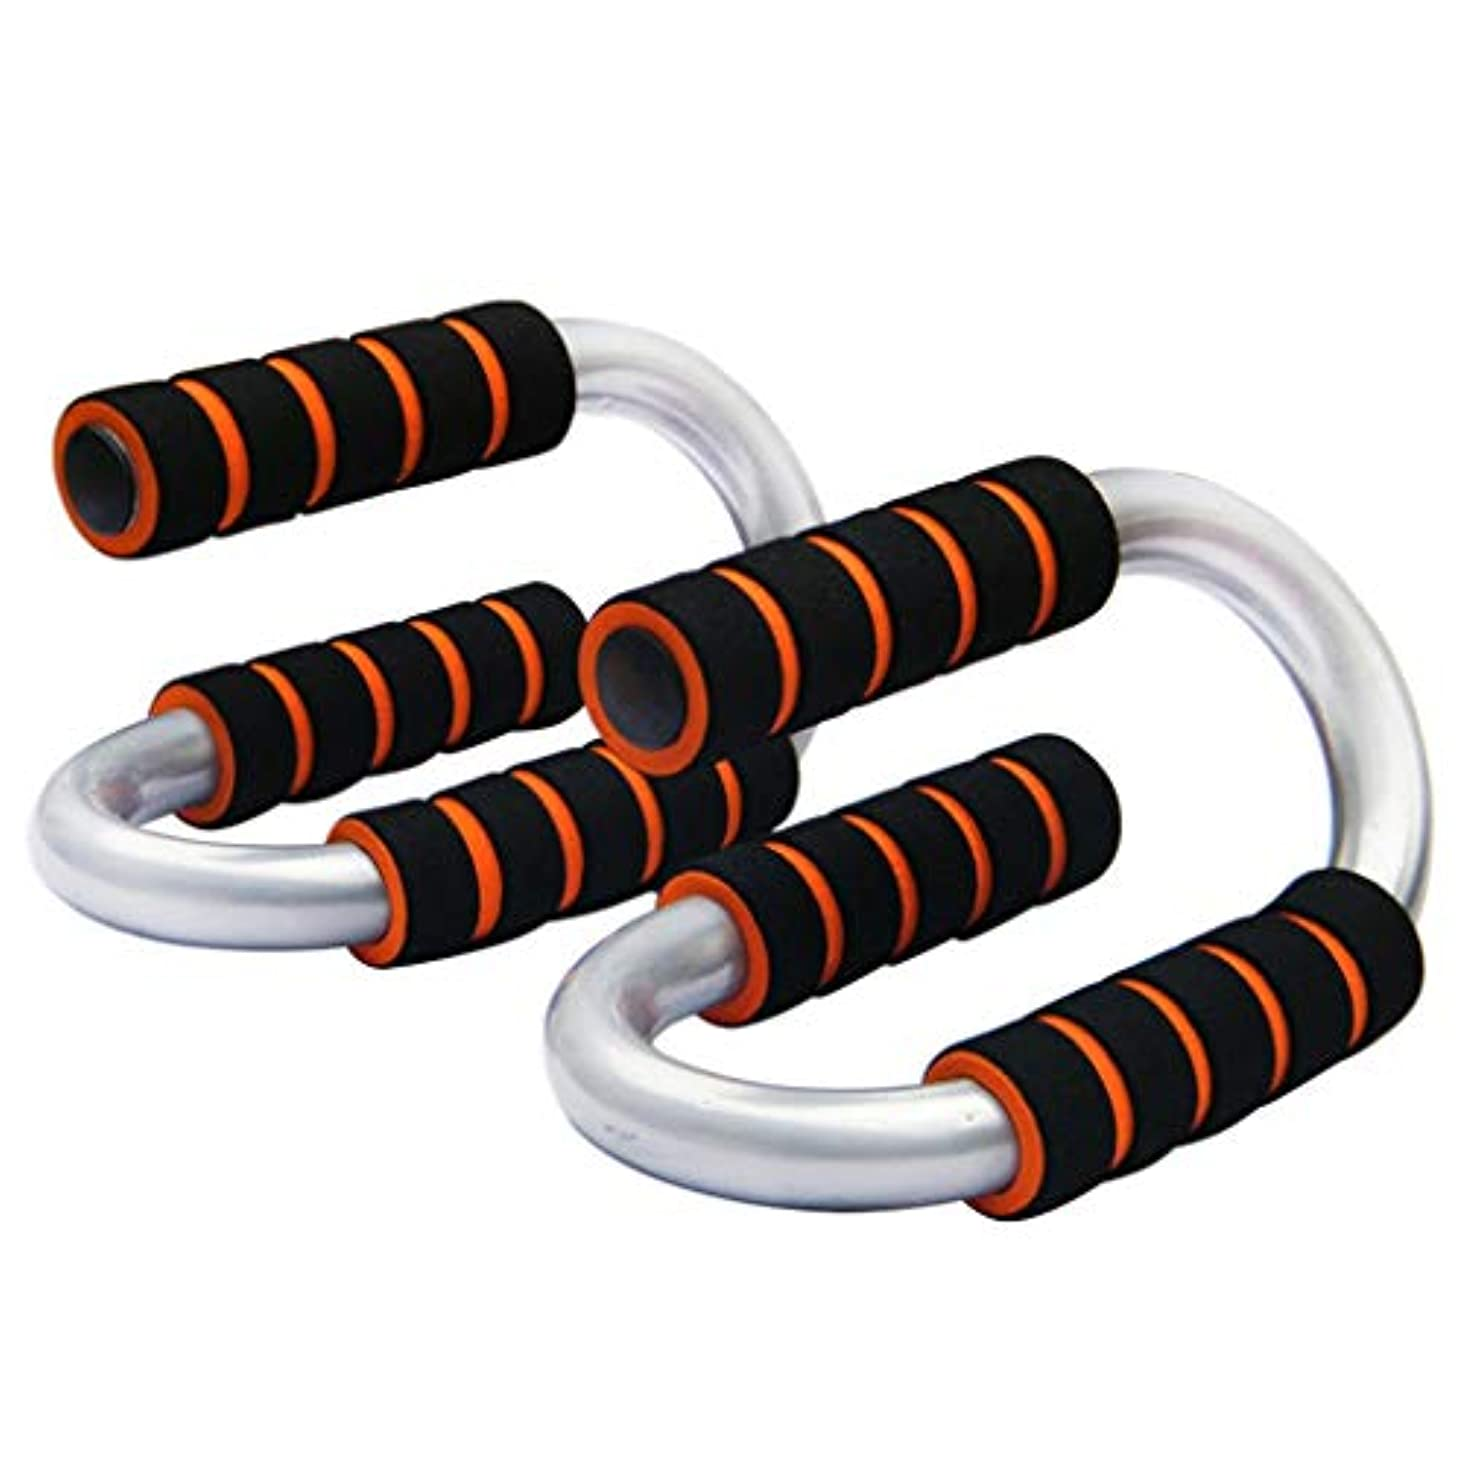 タックパッチスナップS型腕立て伏せ、ホームフィットネス機器、腕胸のトレーニング腕立て伏せのサポート、美しいギフト (Color : Black, Size : 12cm)